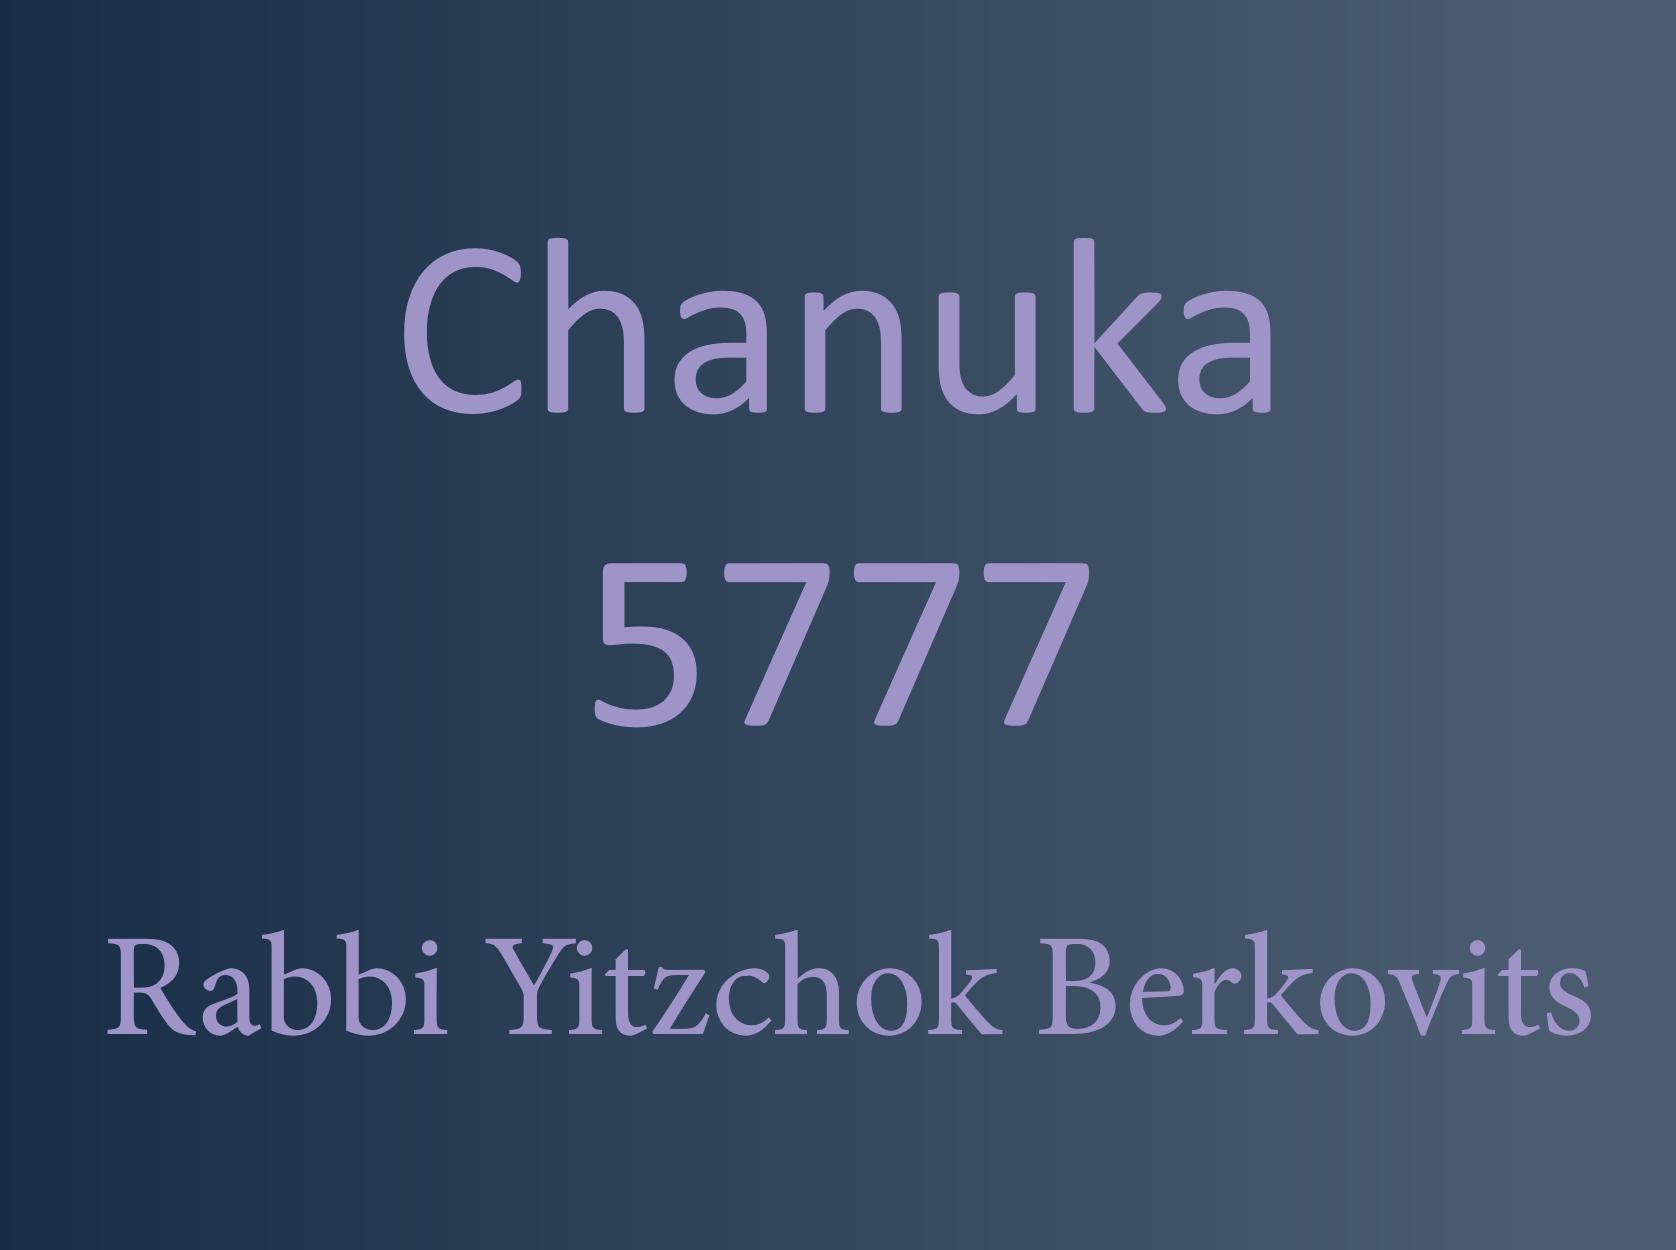 Chanuka 5777